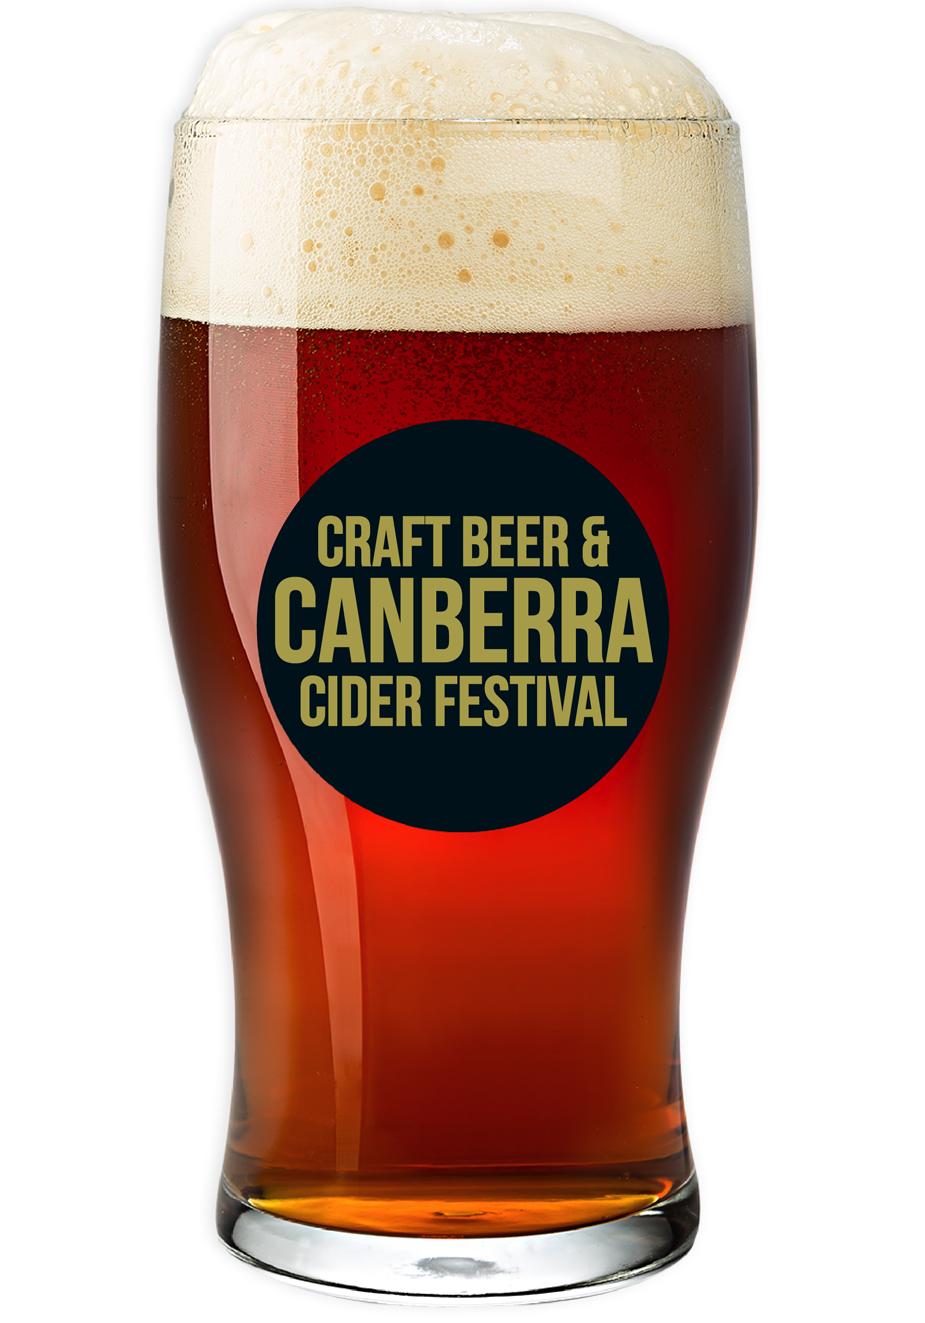 Beer Festival Canberra